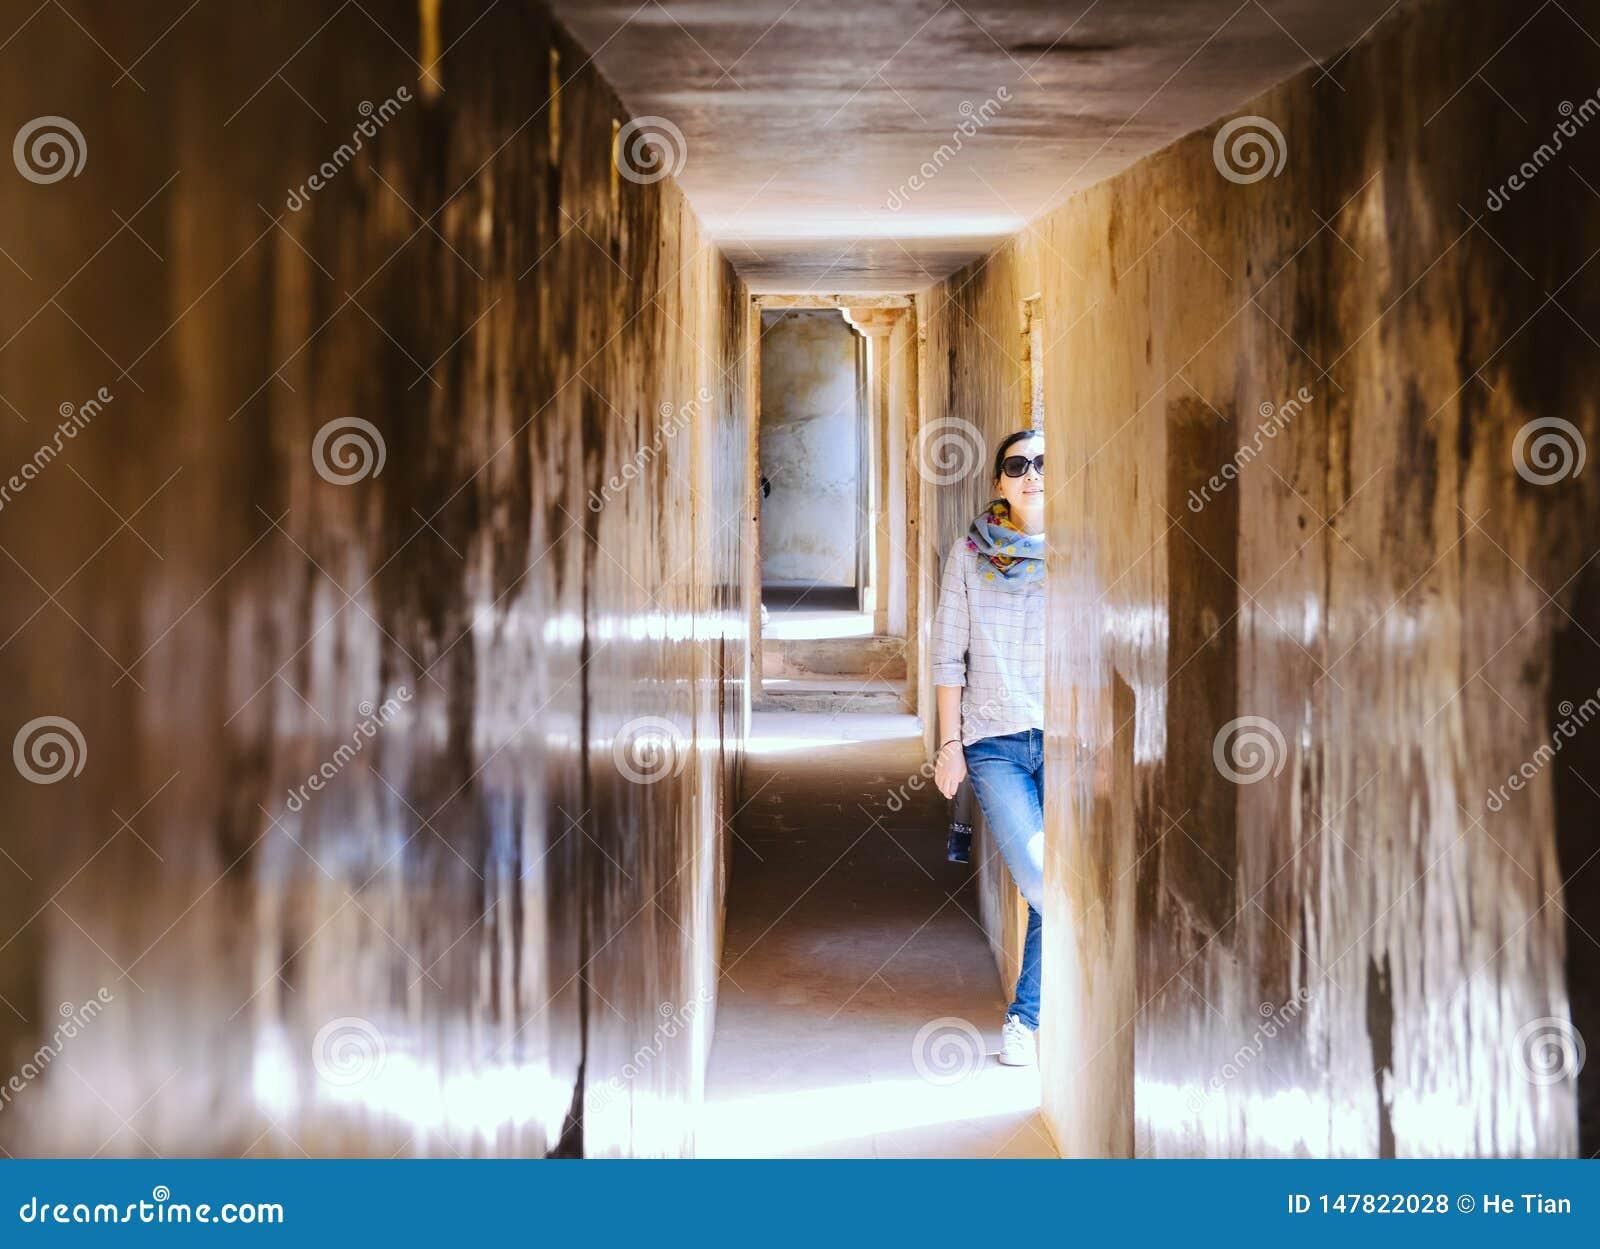 Flickan står i korridor på Amber Fort, Jaipur, Indien